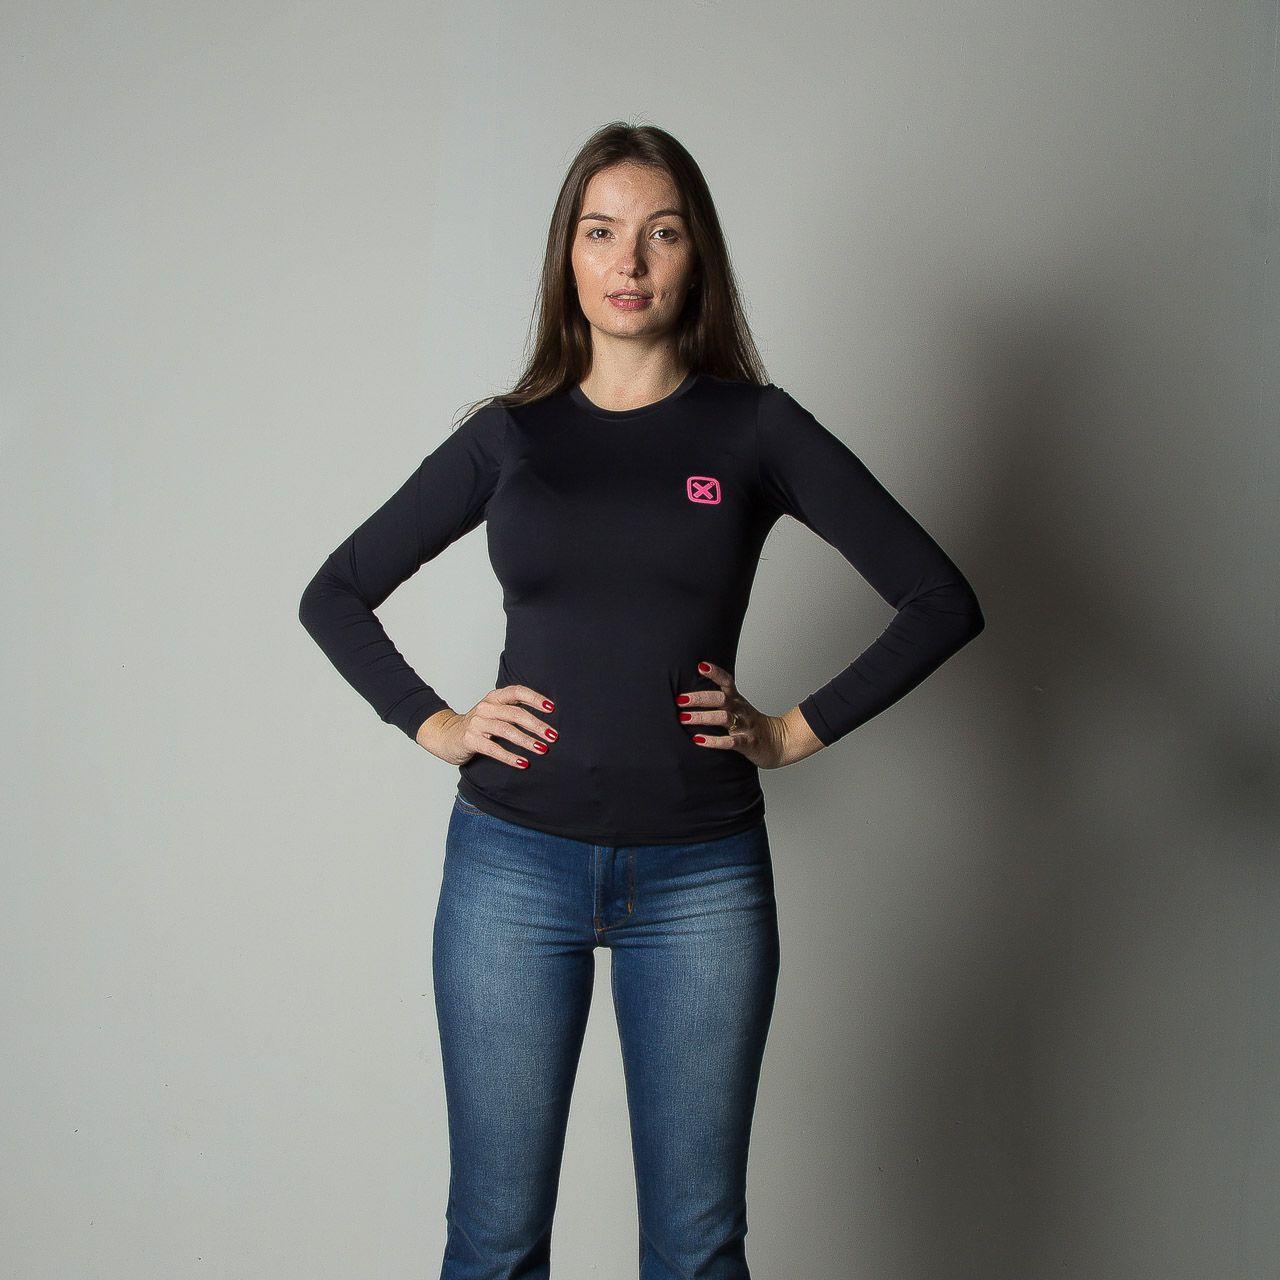 Camiseta Feminina TXC 4600